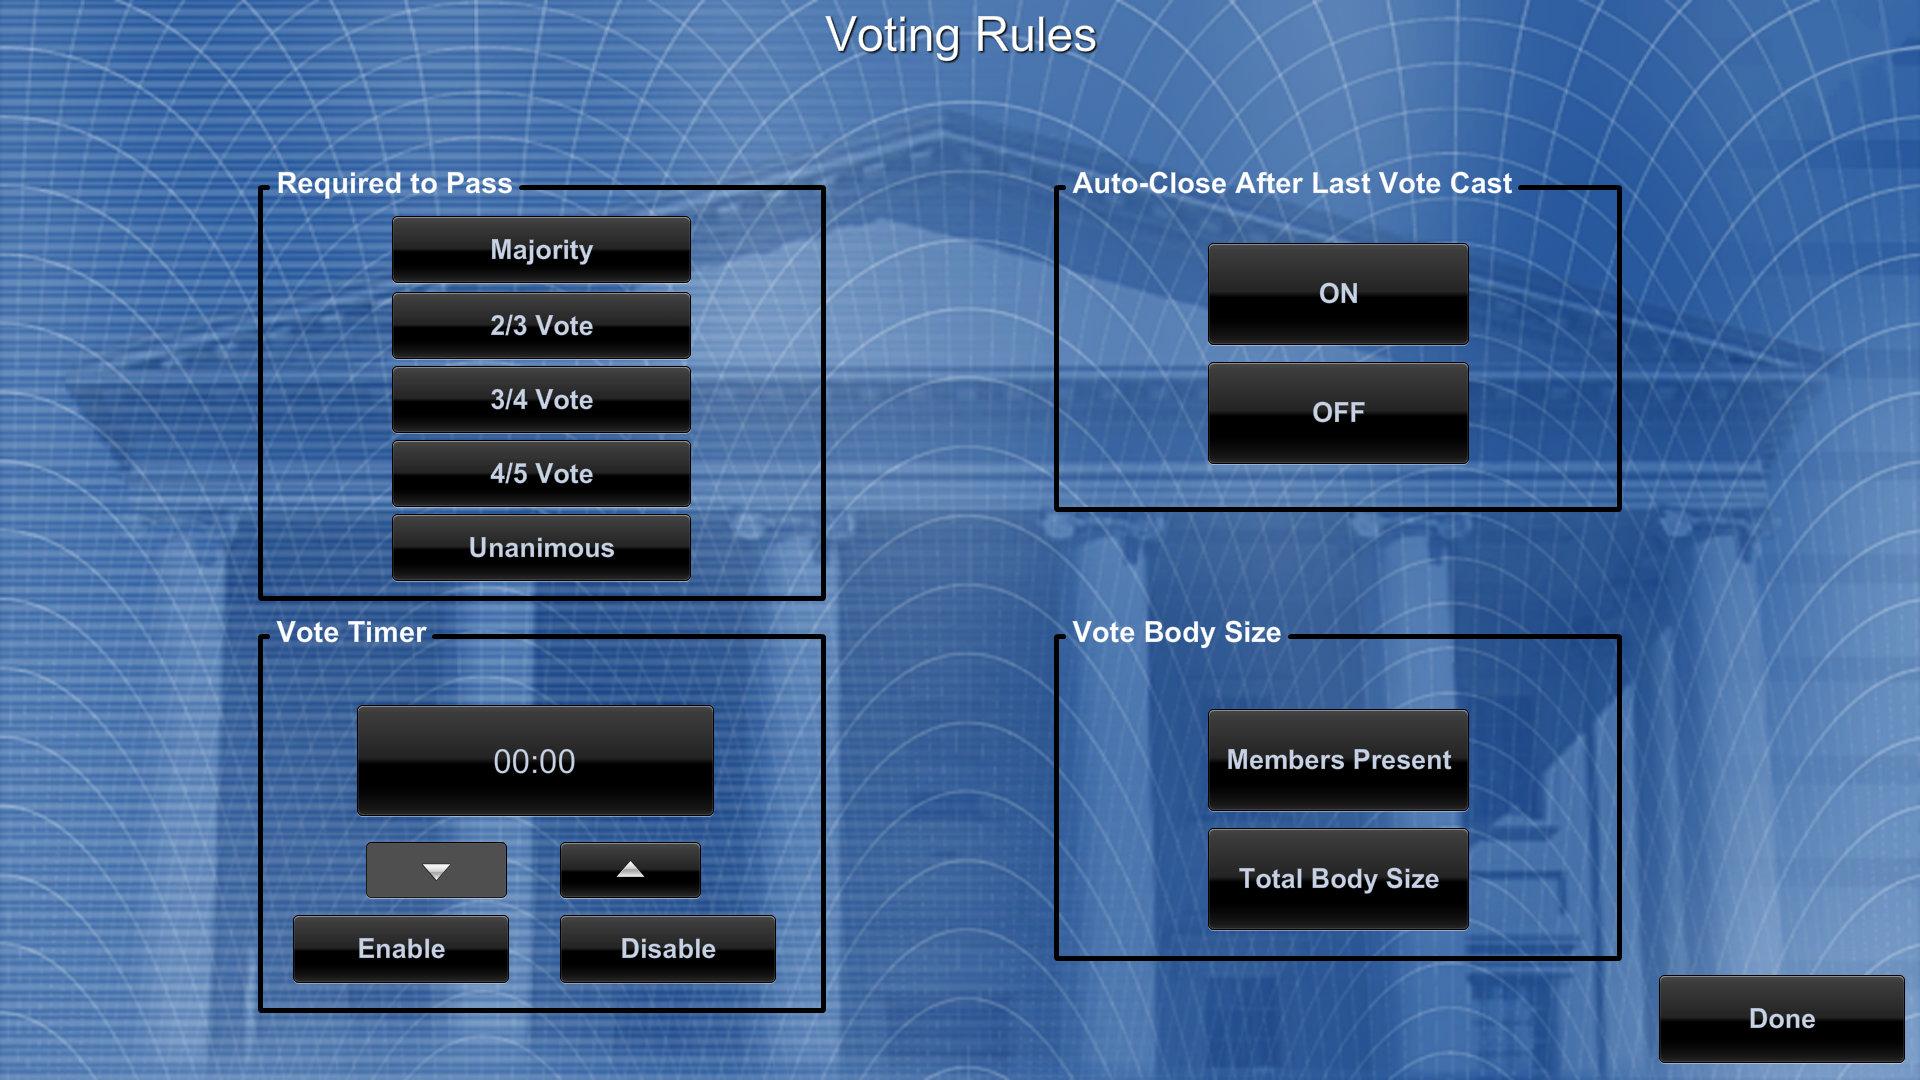 st john clerk dge100 v0.2_Voting Rules.jpg